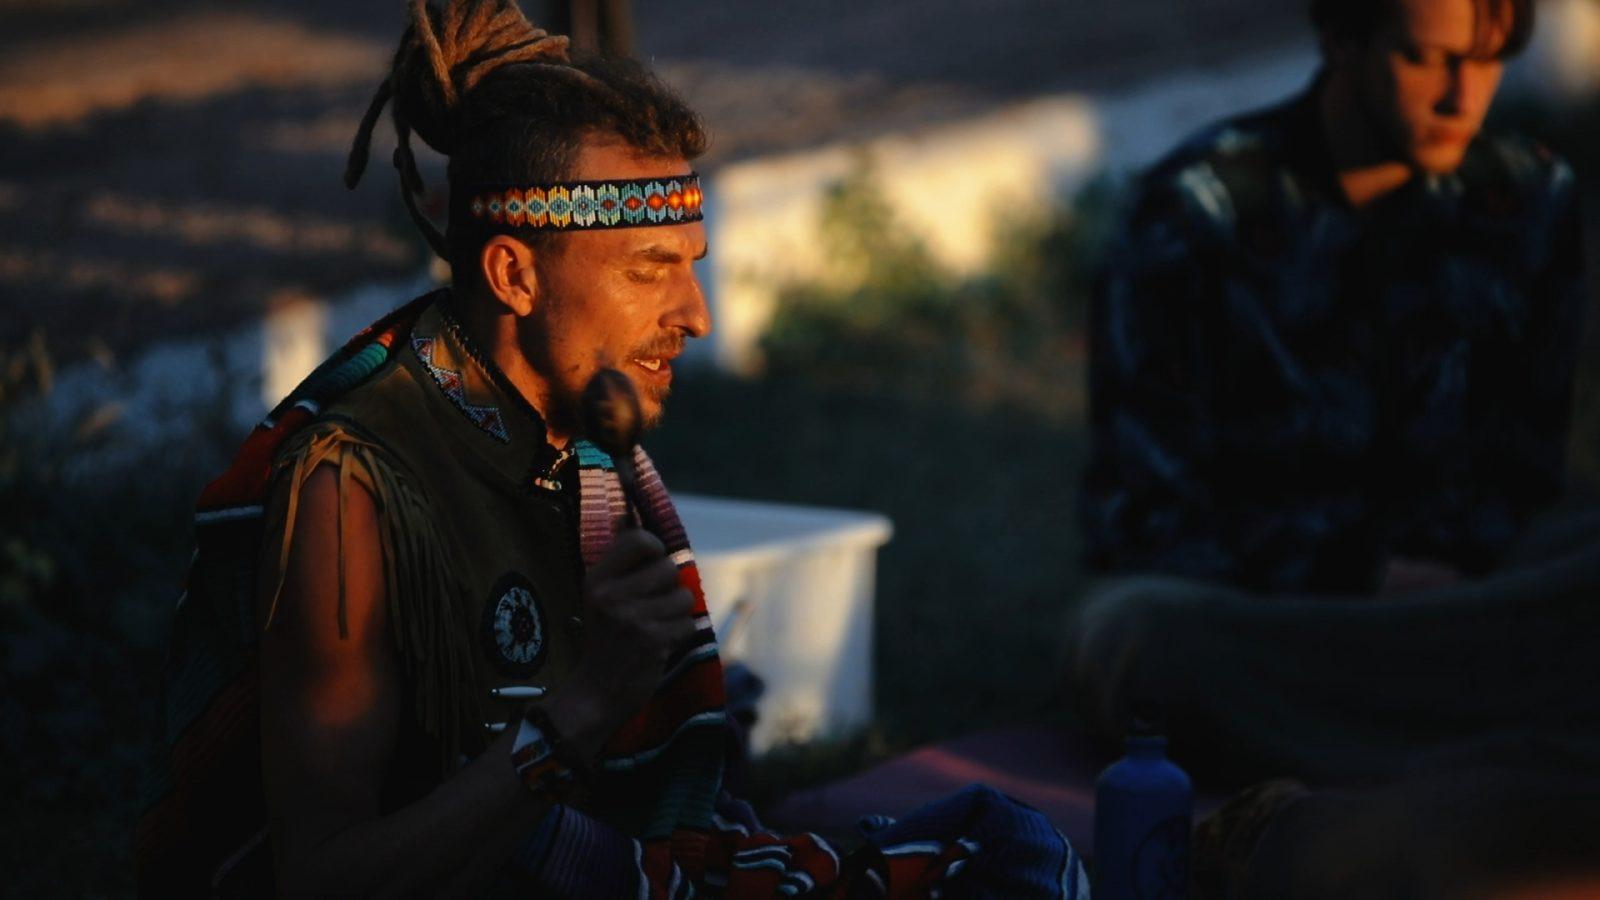 Inti Wasi bij twinfinsurfcamptenerife gefilmd en geïnterviewd tijdens een door hem geleide Cacao Ceremonie geproduceerd door Valerie Spanjers